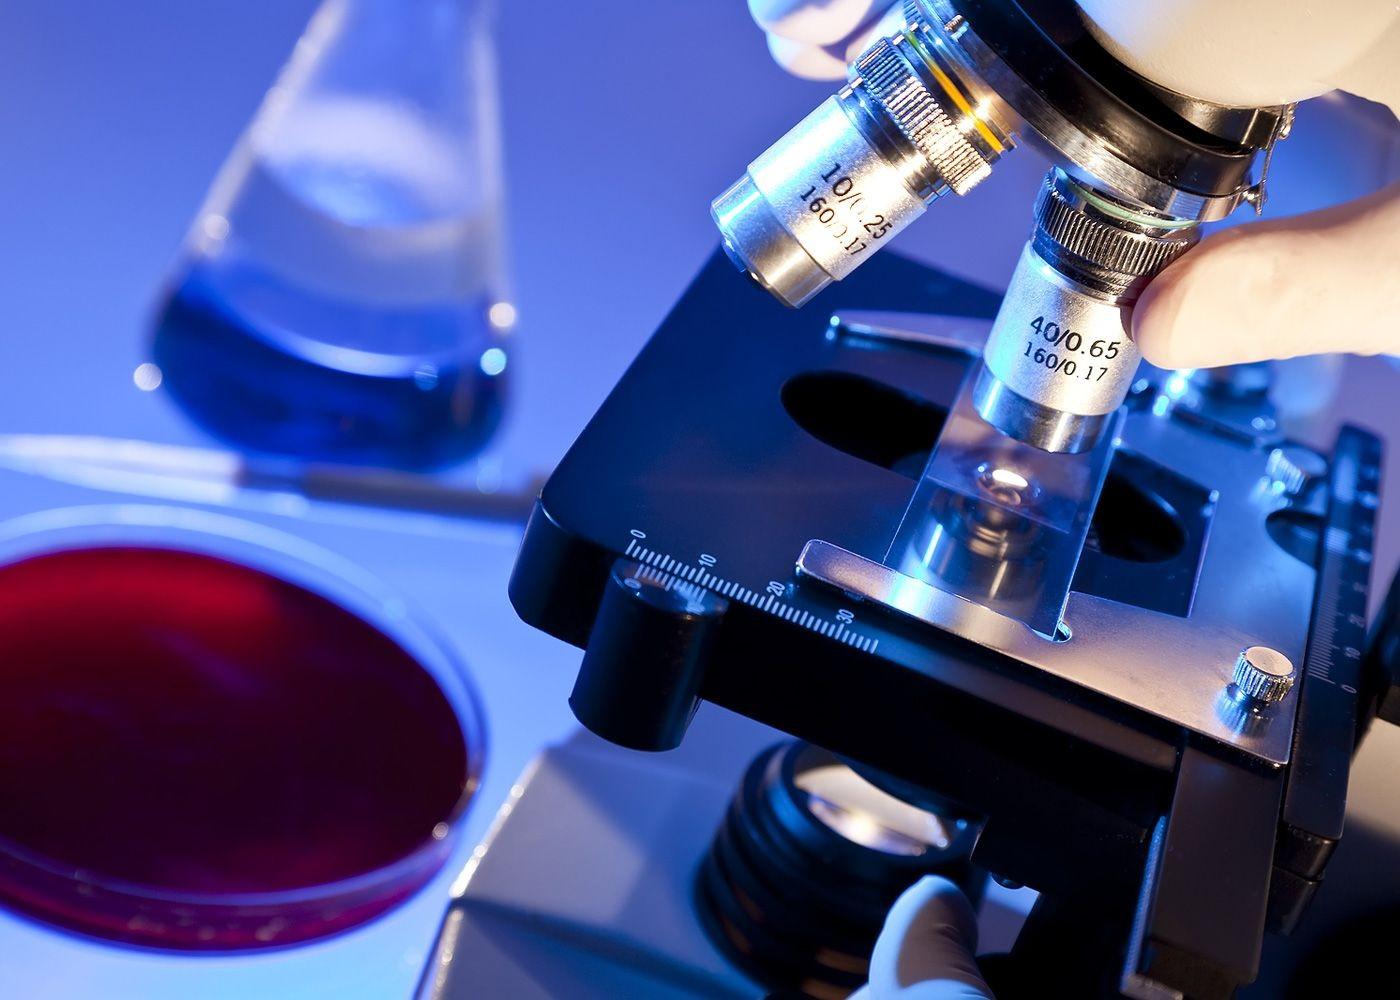 Диагностическое значение анализа крови на иммуноглобулин Е - изображение №1